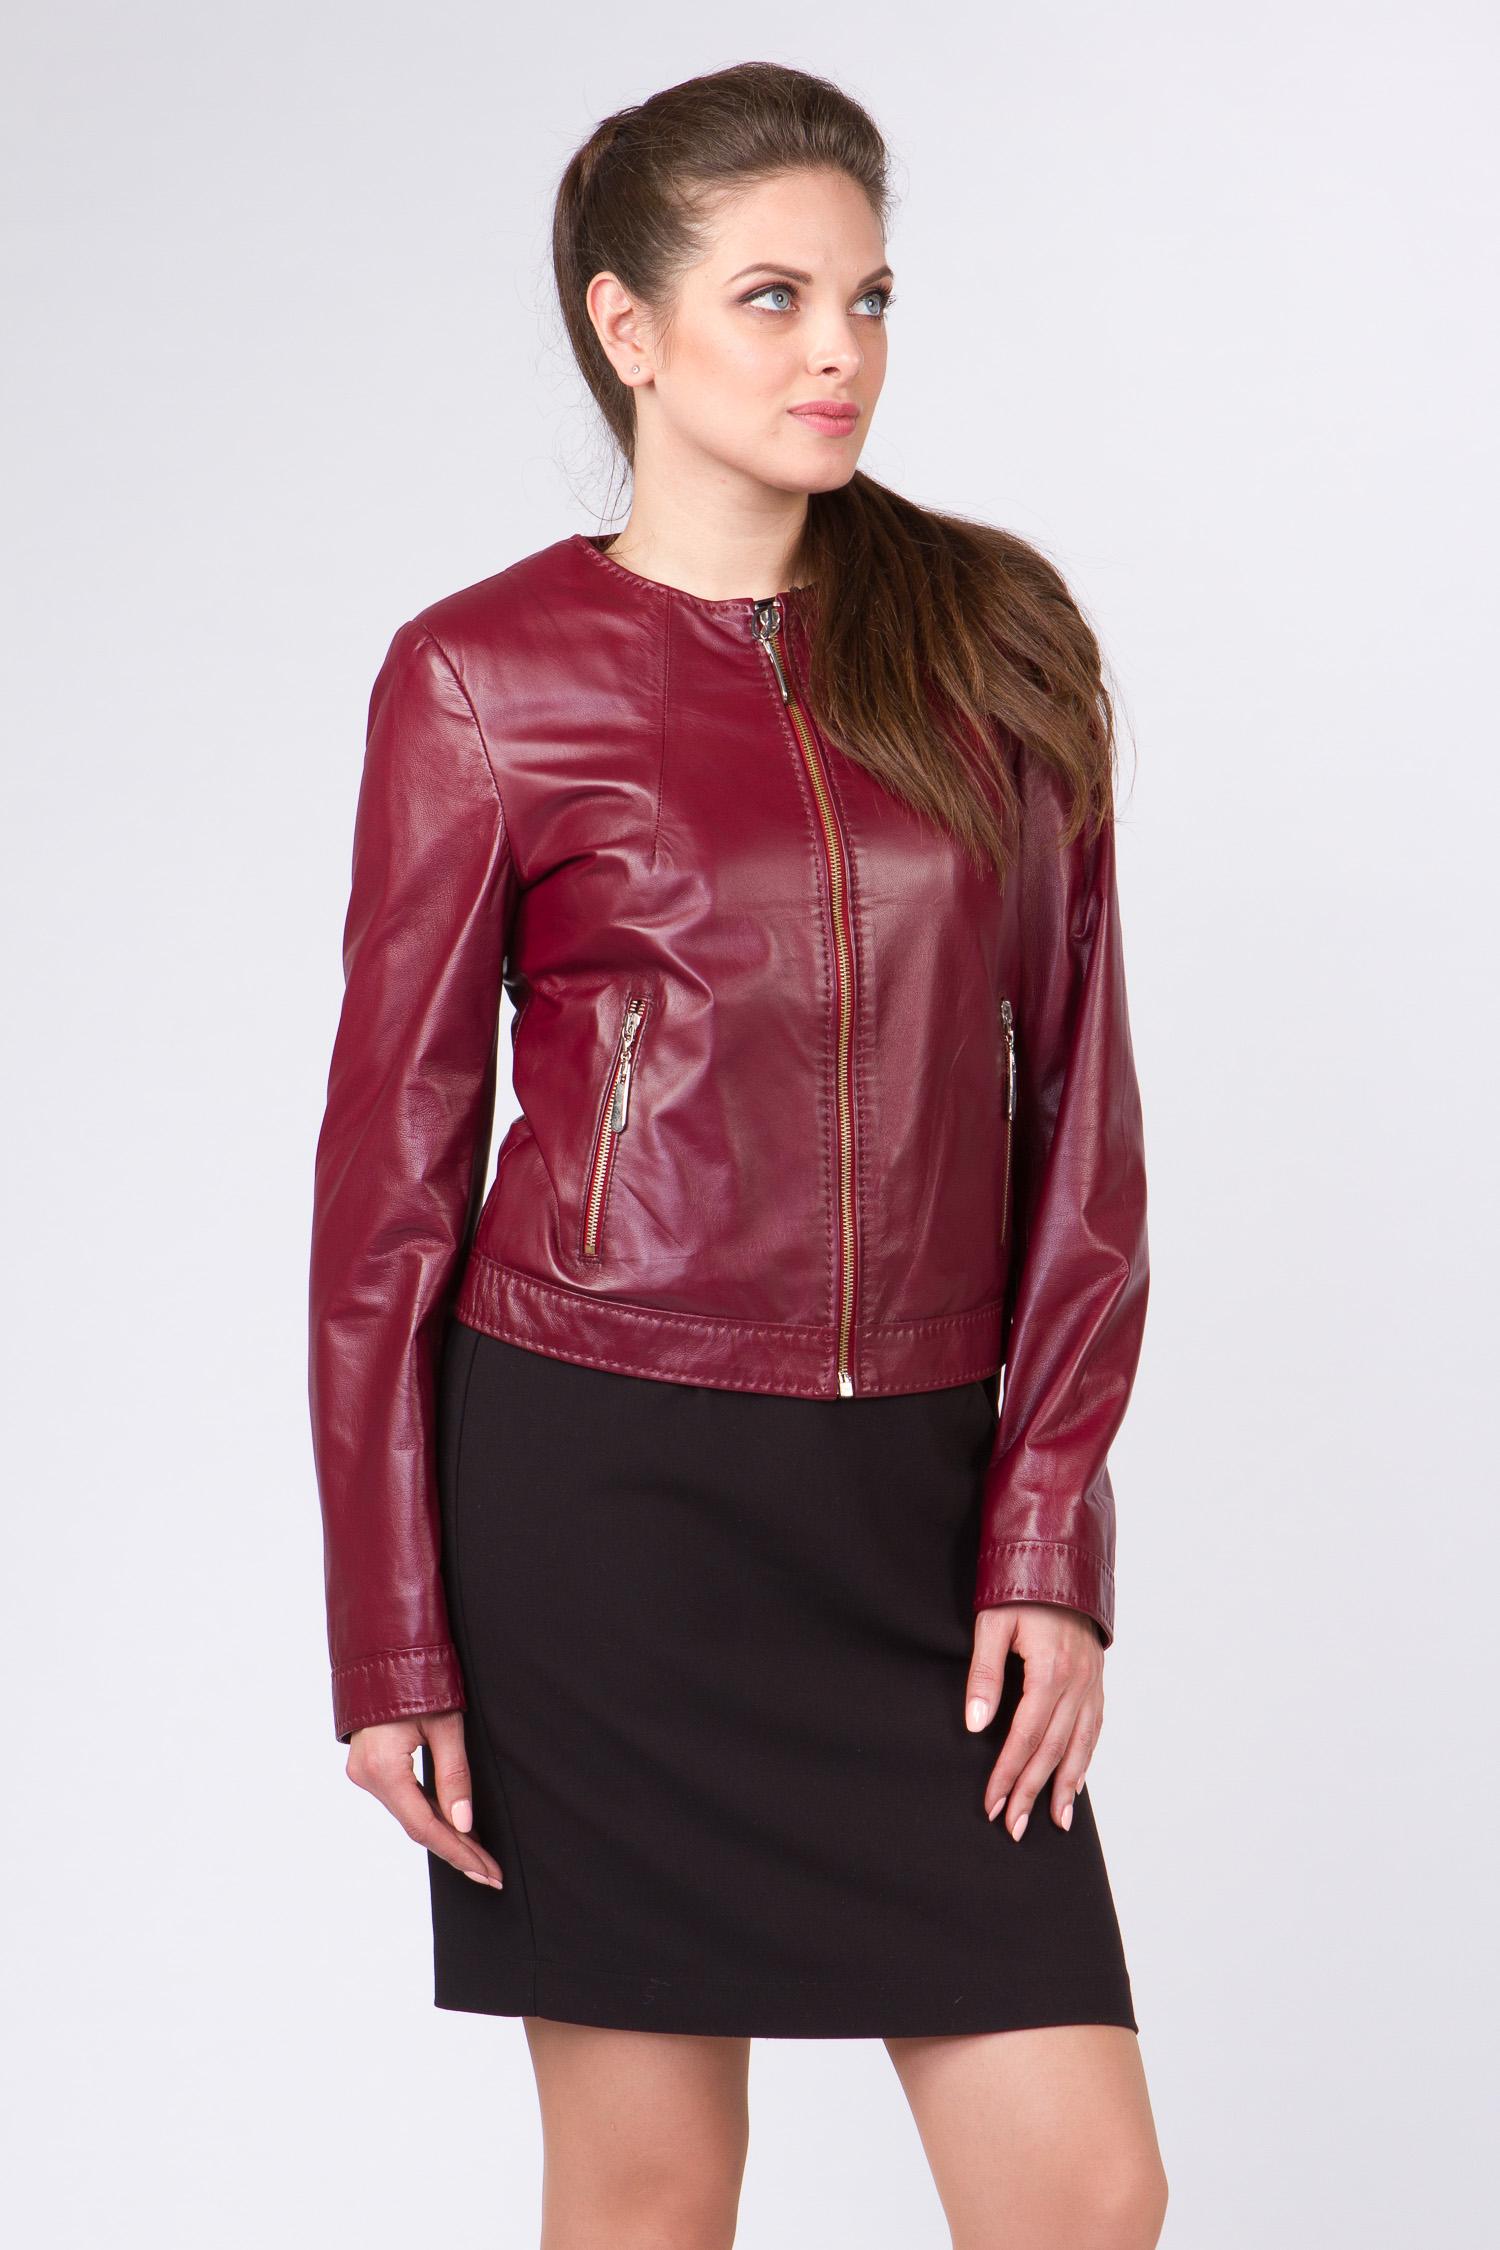 Женская кожаная куртка из натуральной кожи без воротника, без отделки Женская кожаная куртка из натуральной кожи без воротника, без отделки